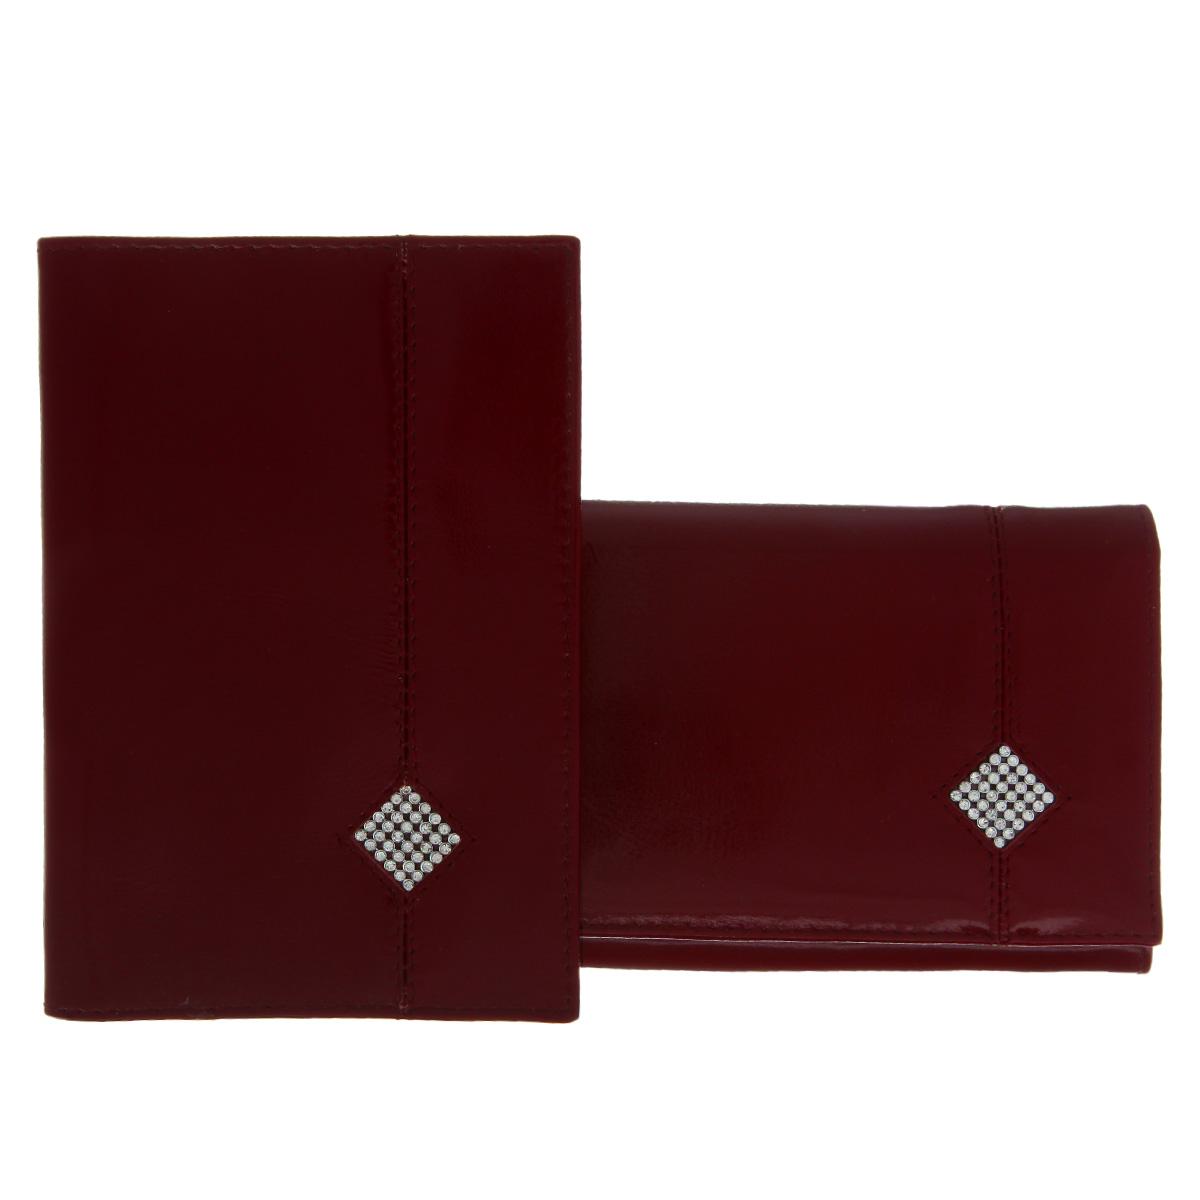 Подарочный набор Dimanche Гранат: обложка для паспорта, портмоне, цвет: бордовый. 200/701-022_516Изысканный набор Dimanche Гранат состоит из обложки для паспорта и портмоне. Обе модели изготовлены из высококачественной натуральной кожи и украшены спереди декоративным элементом в форме ромба, исполненным из страз. Обложка для паспорта содержит два прозрачных пластиковых кармана, которые обеспечивают надежную фиксацию документа. Модель с внутренней стороны отделана атласным текстилем. Портмоне закрывается широким клапаном на кнопку. Внутри - три отделения для купюр, отсек для мелочи на застежке-молнии, два горизонтальных кармана для бумаг и чеков, восемь прорезей для визиток и кредитных карт (одна - с окошком из прозрачного пластика). Обратная сторона изделия дополнена открытым карманом. Оба изделия упакованы в стильные подарочные коробки. Роскошный набор Dimanche Гранат подчеркнет вашу индивидуальность и безупречный вкус, а также станет замечательным подарком человеку, ценящему качественные и практичные вещи.